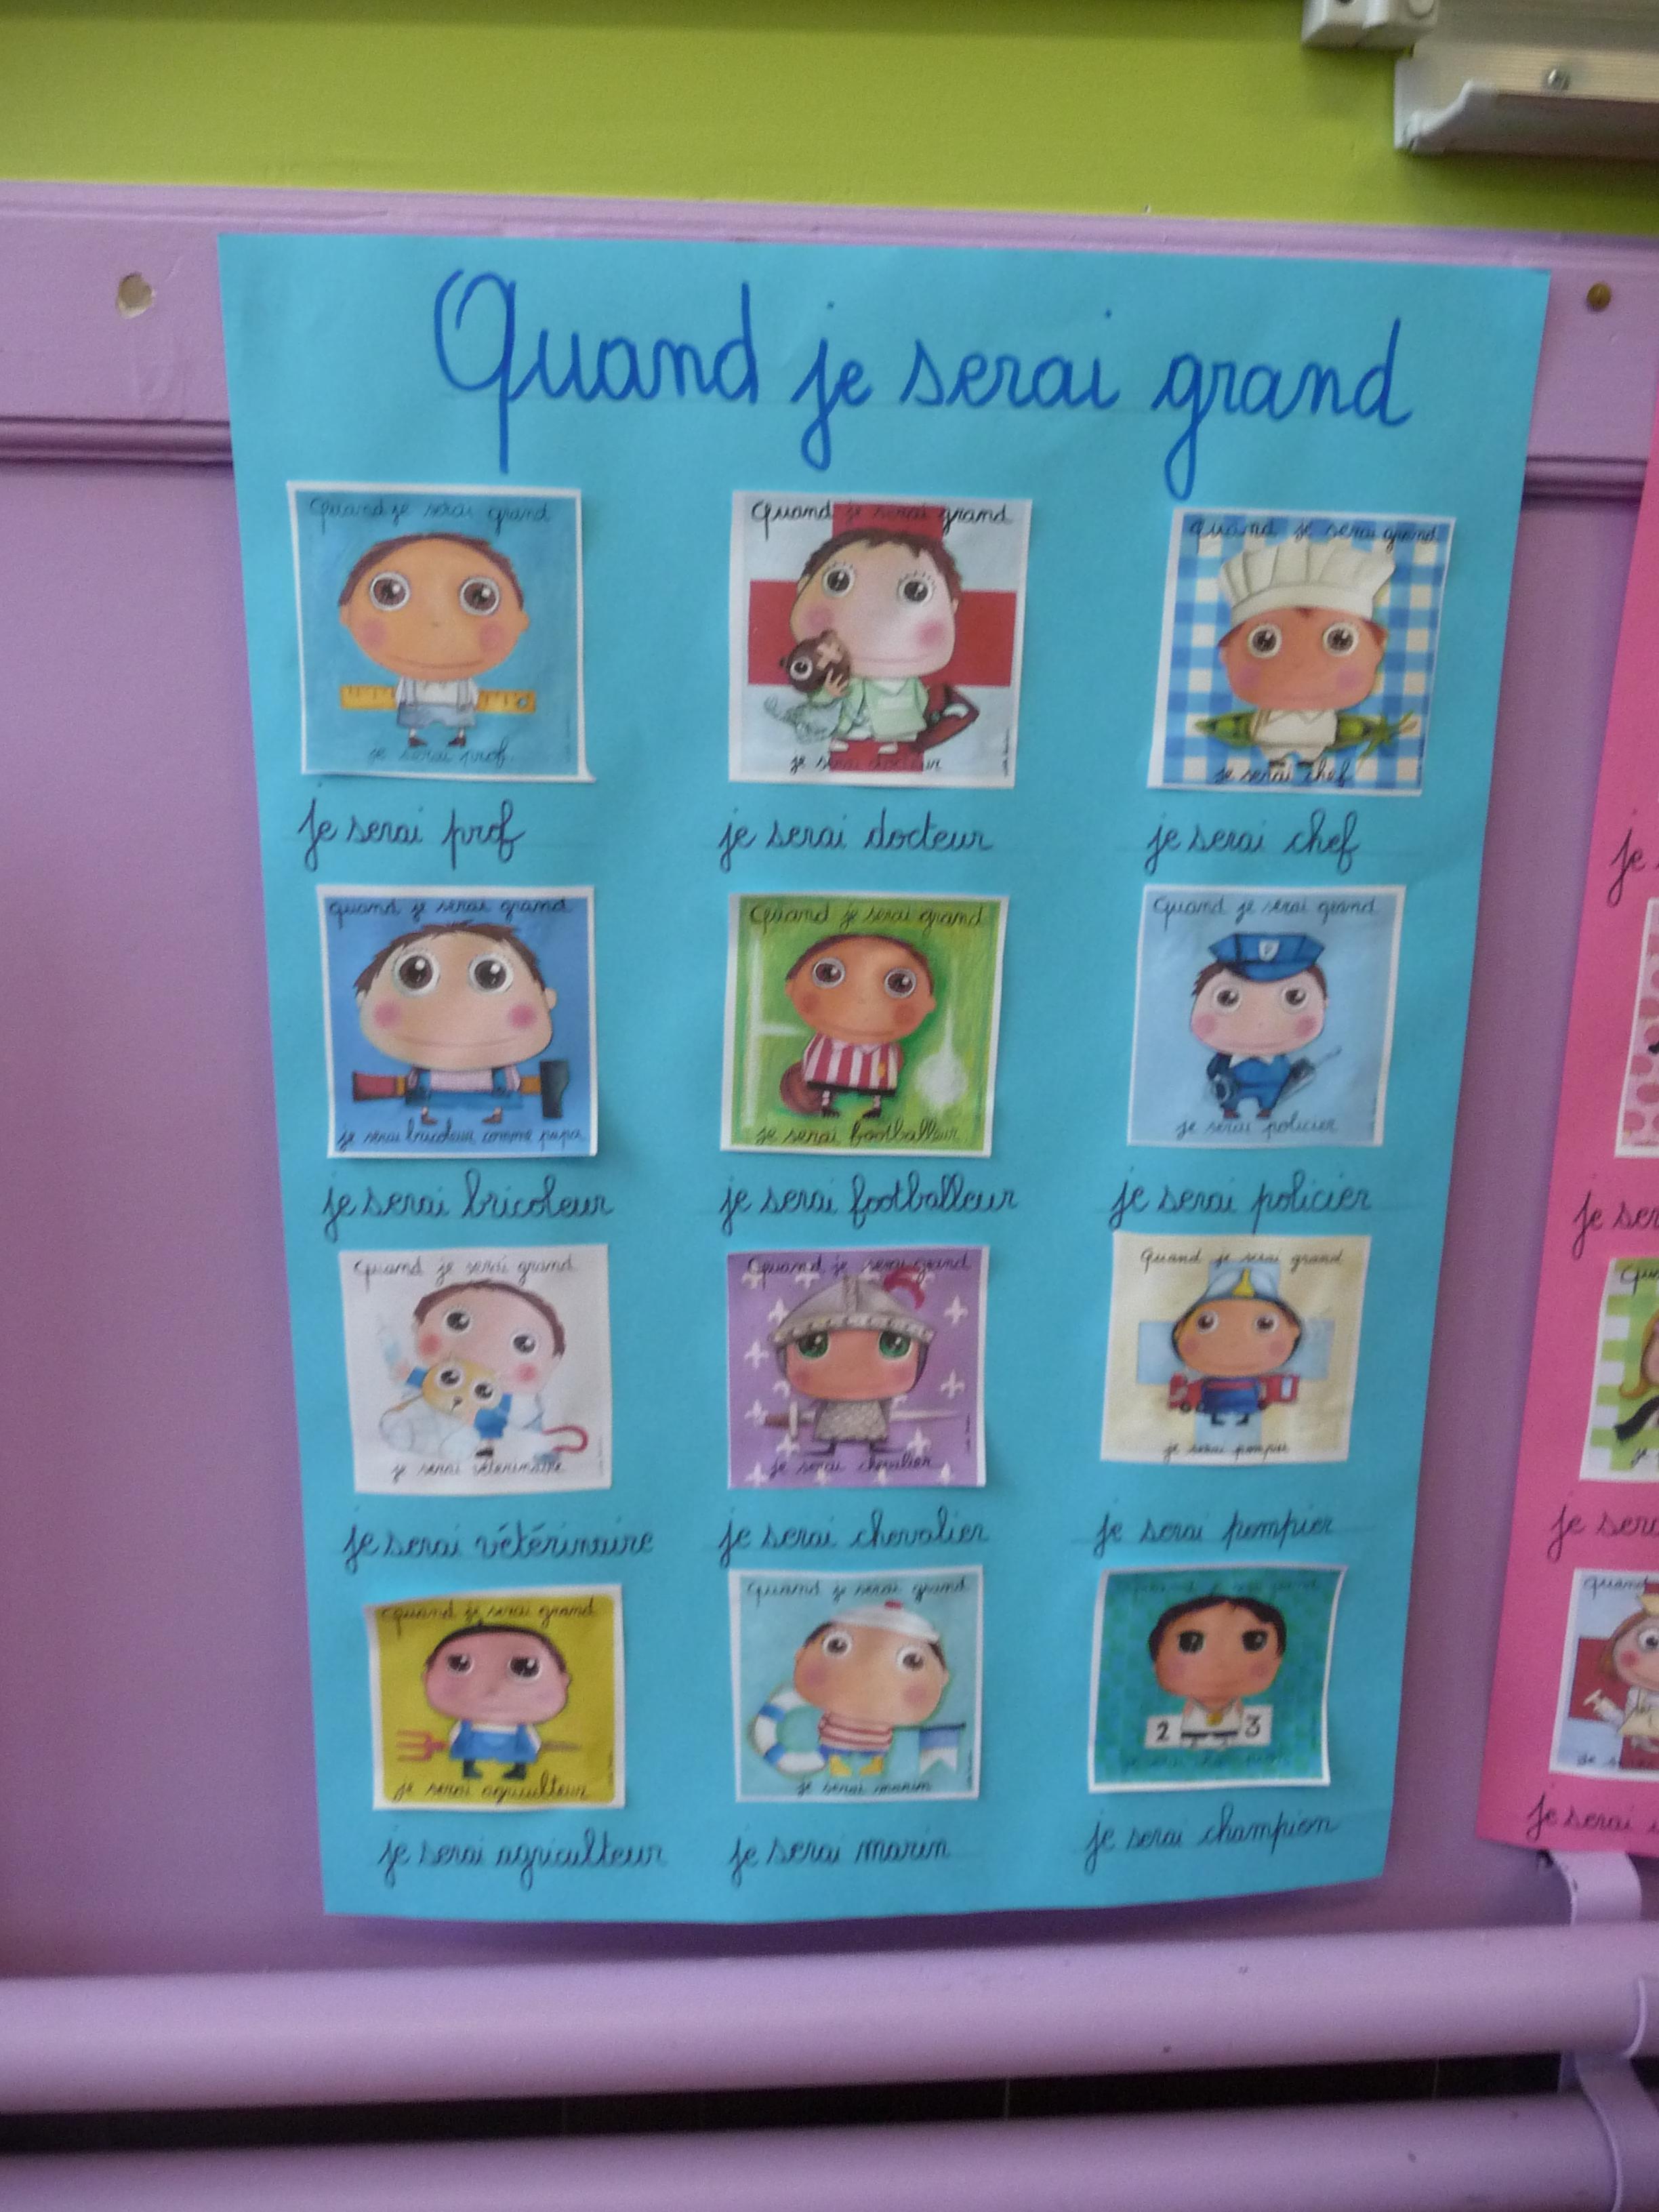 Ecole Primaire De Maretz Blog Archive Quand Je Serai